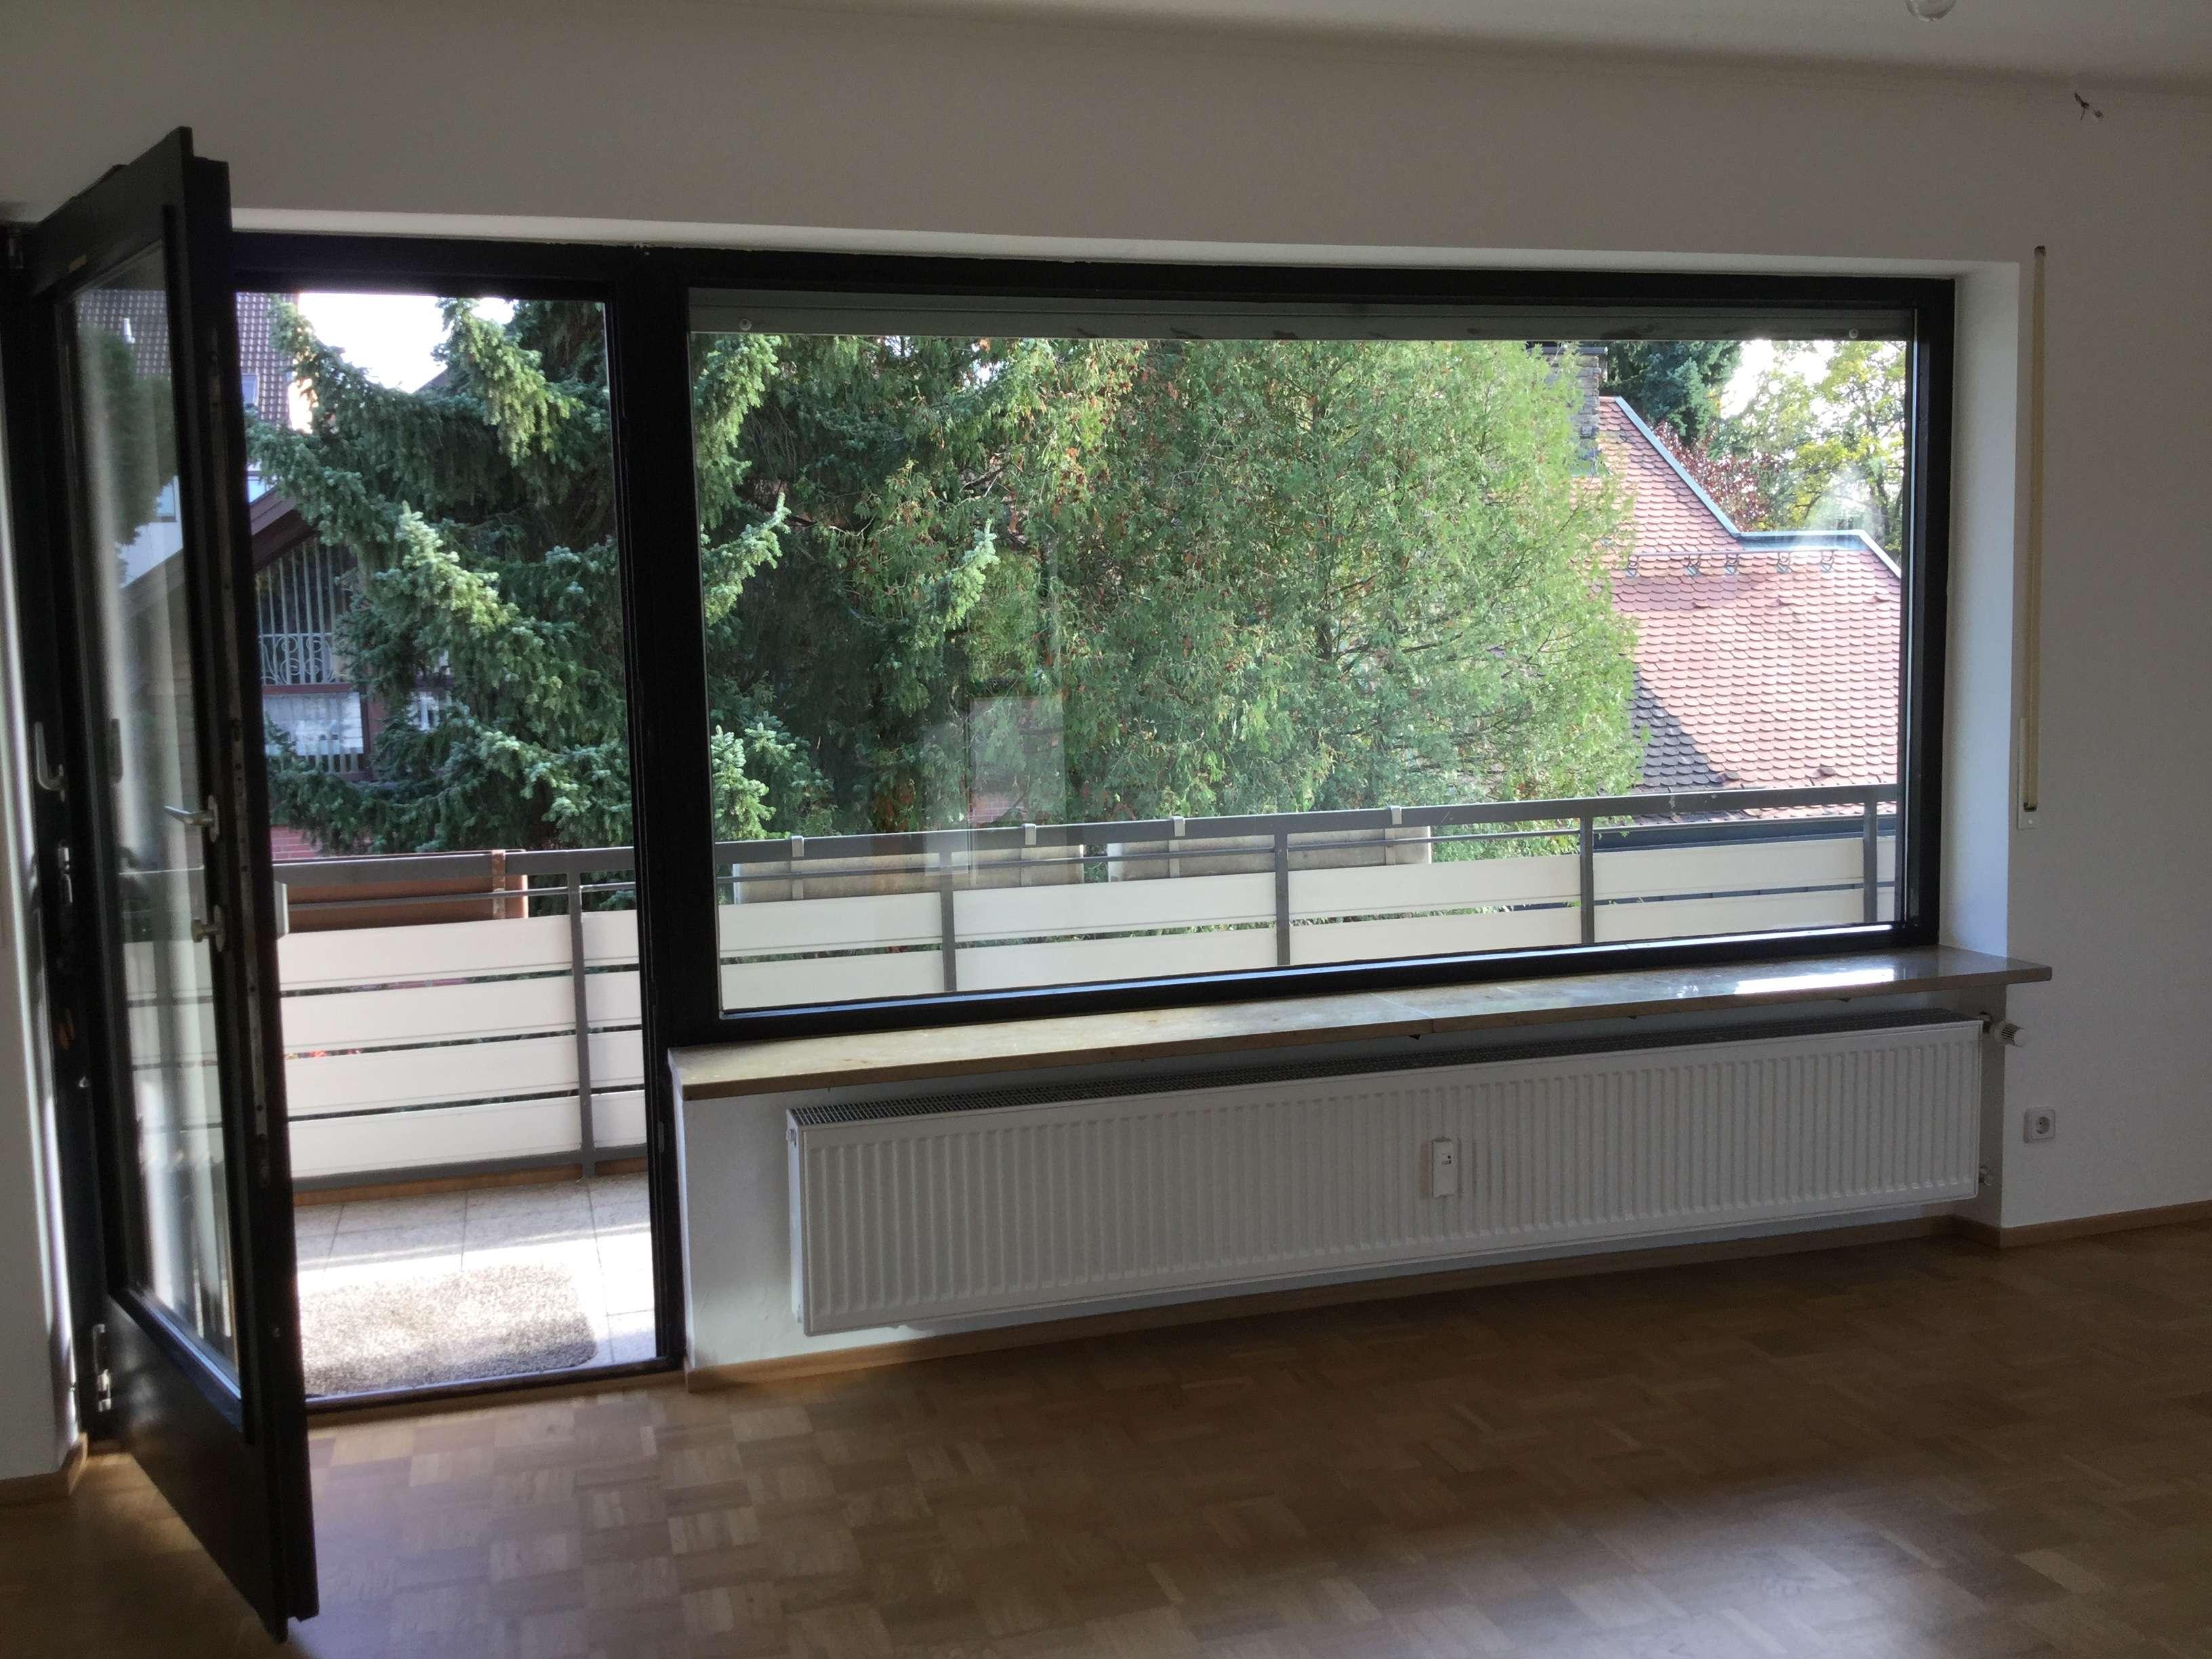 Vollständig renovierte 3,5-Zimmer-Wohnung mit Balkon in Nürnberg-Ziegelstein in Ziegelstein (Nürnberg)